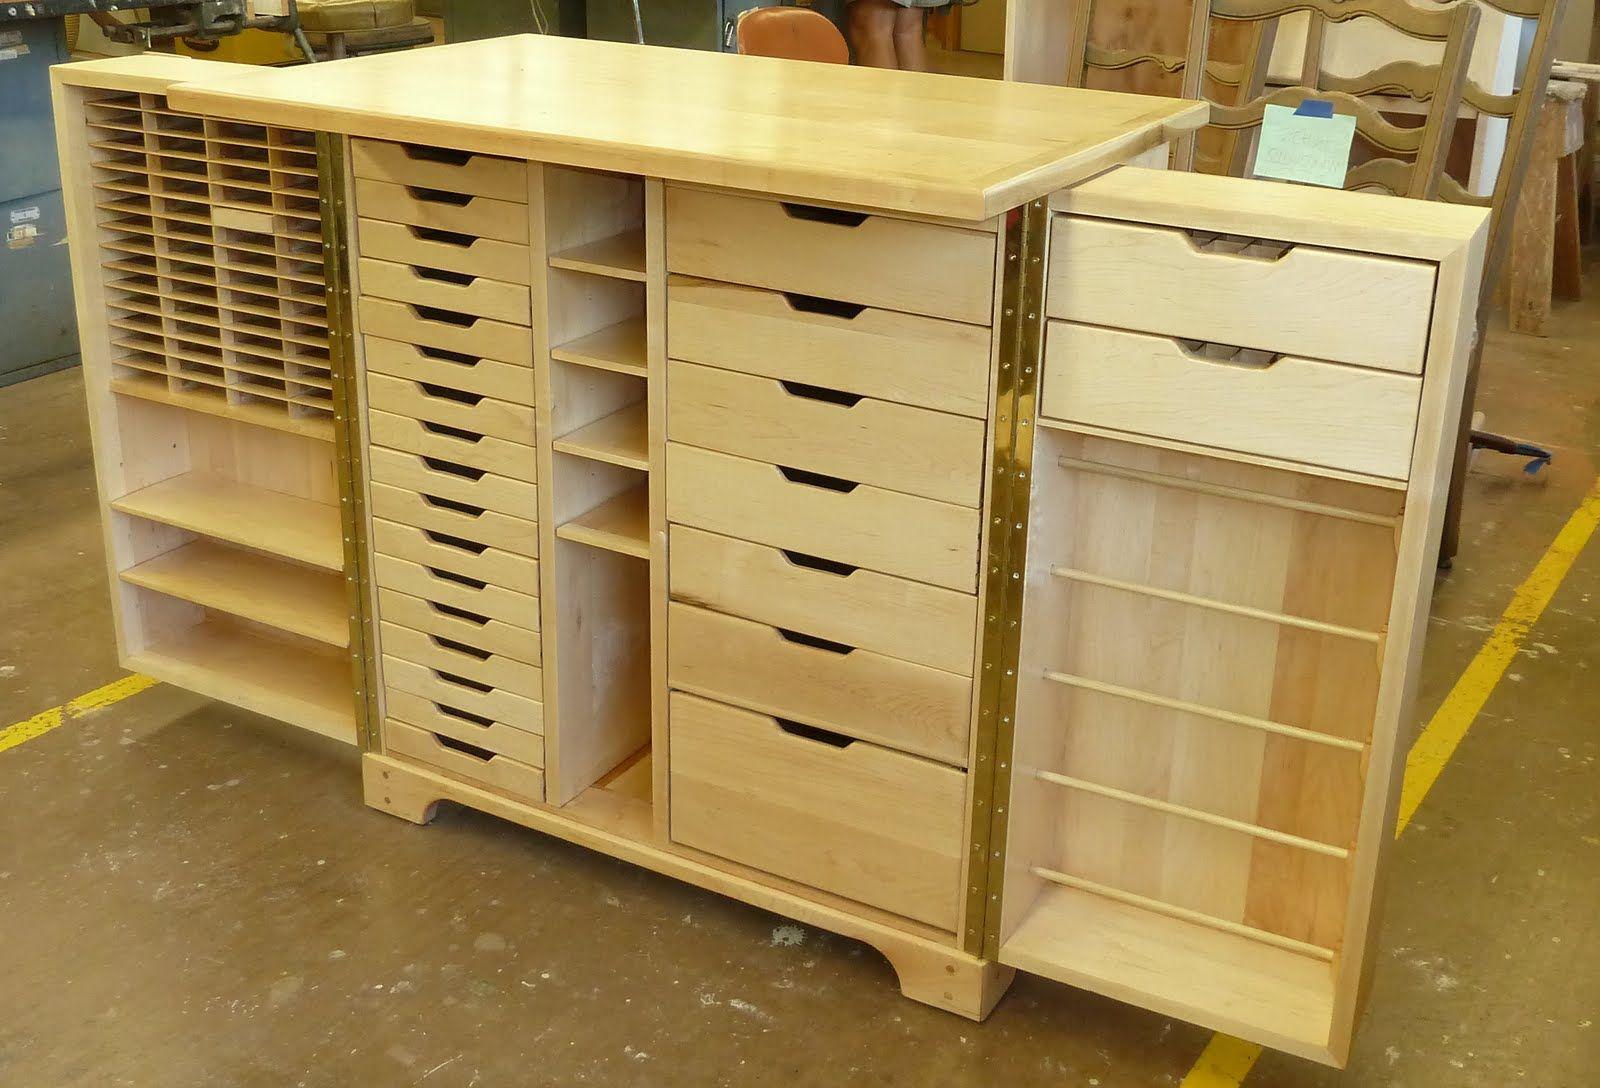 14+ Best craft organizer cabinets ideas